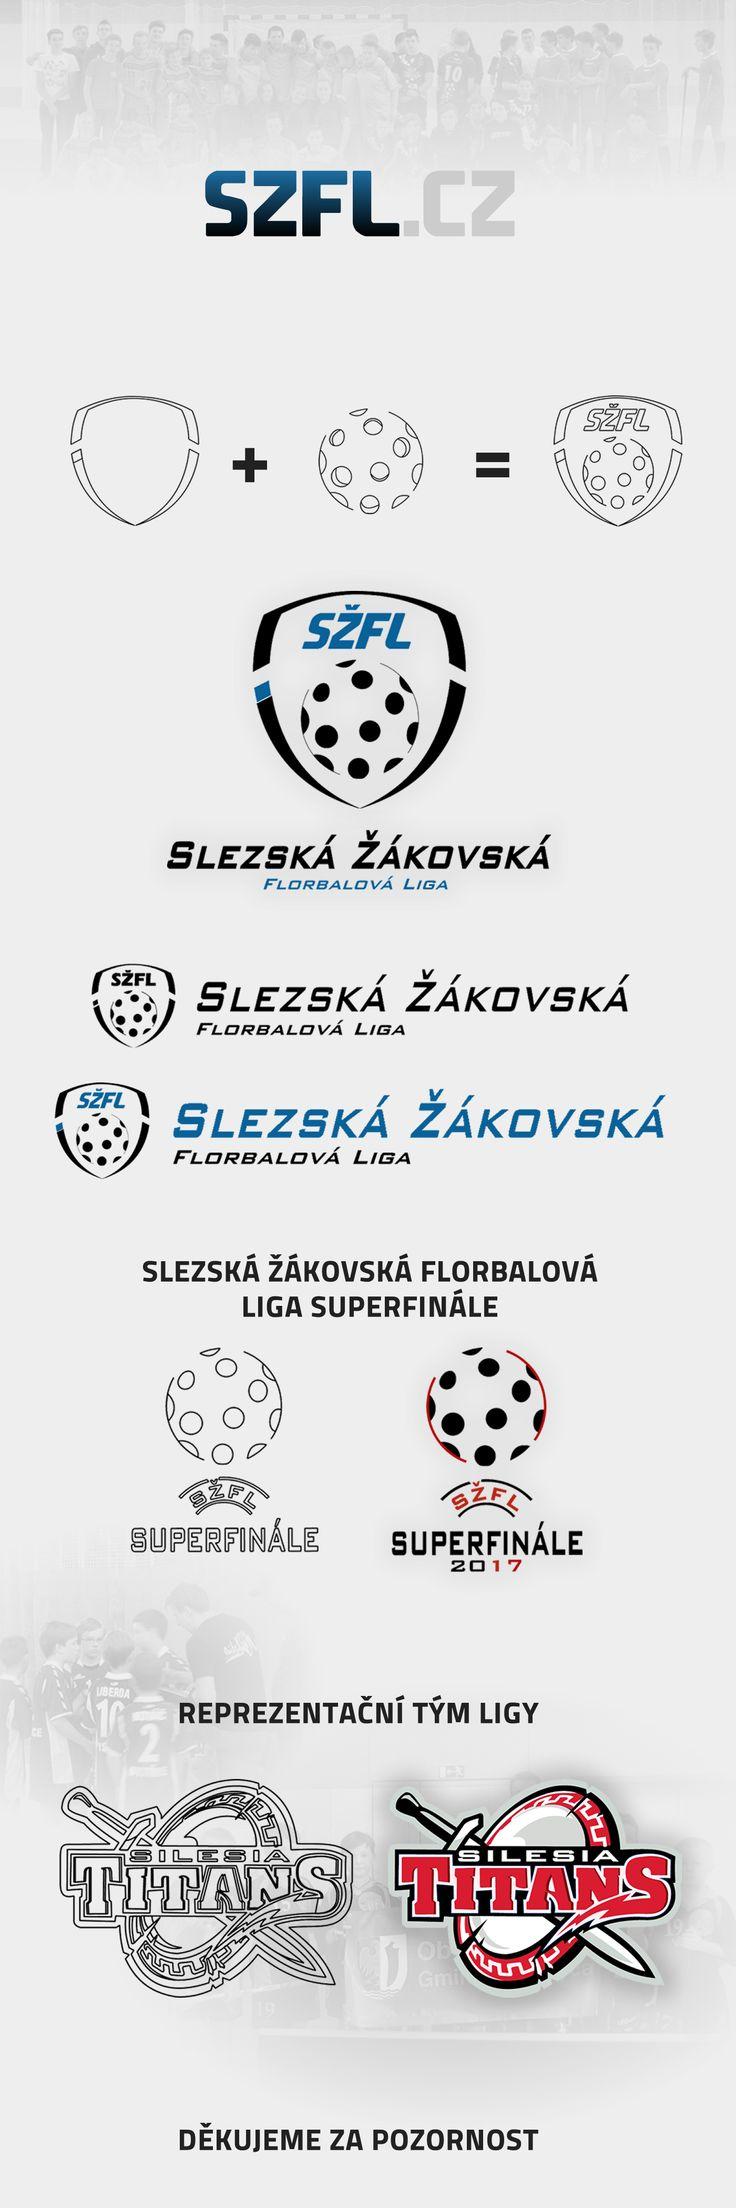 Brand of Slezská žákovská florbalová liga on Behance